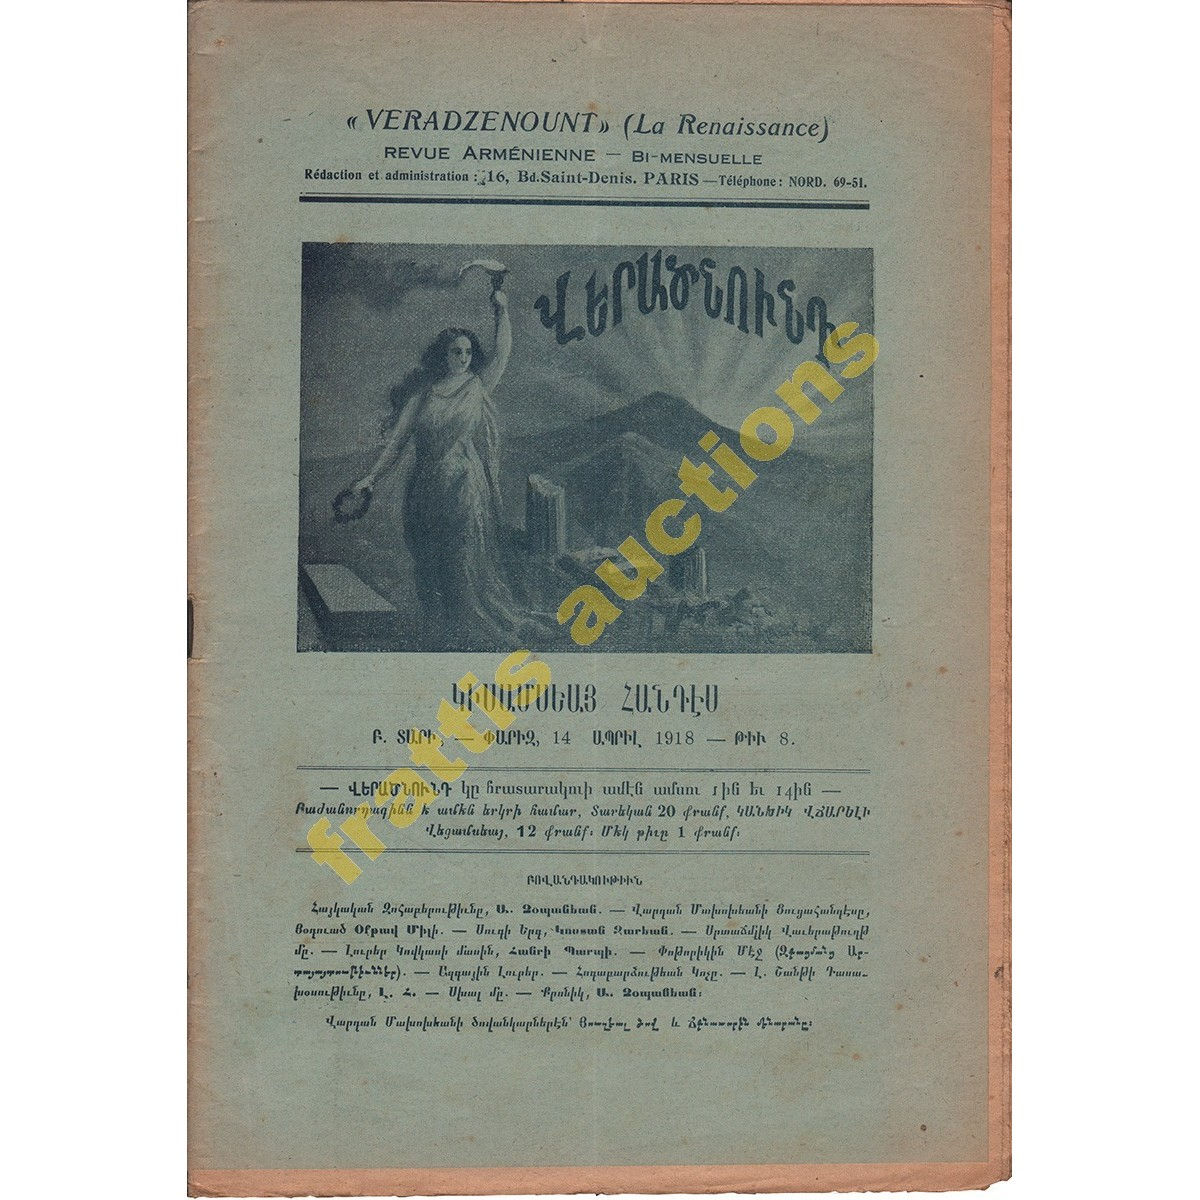 Σφαγή Αρμενίων, έντυπο.